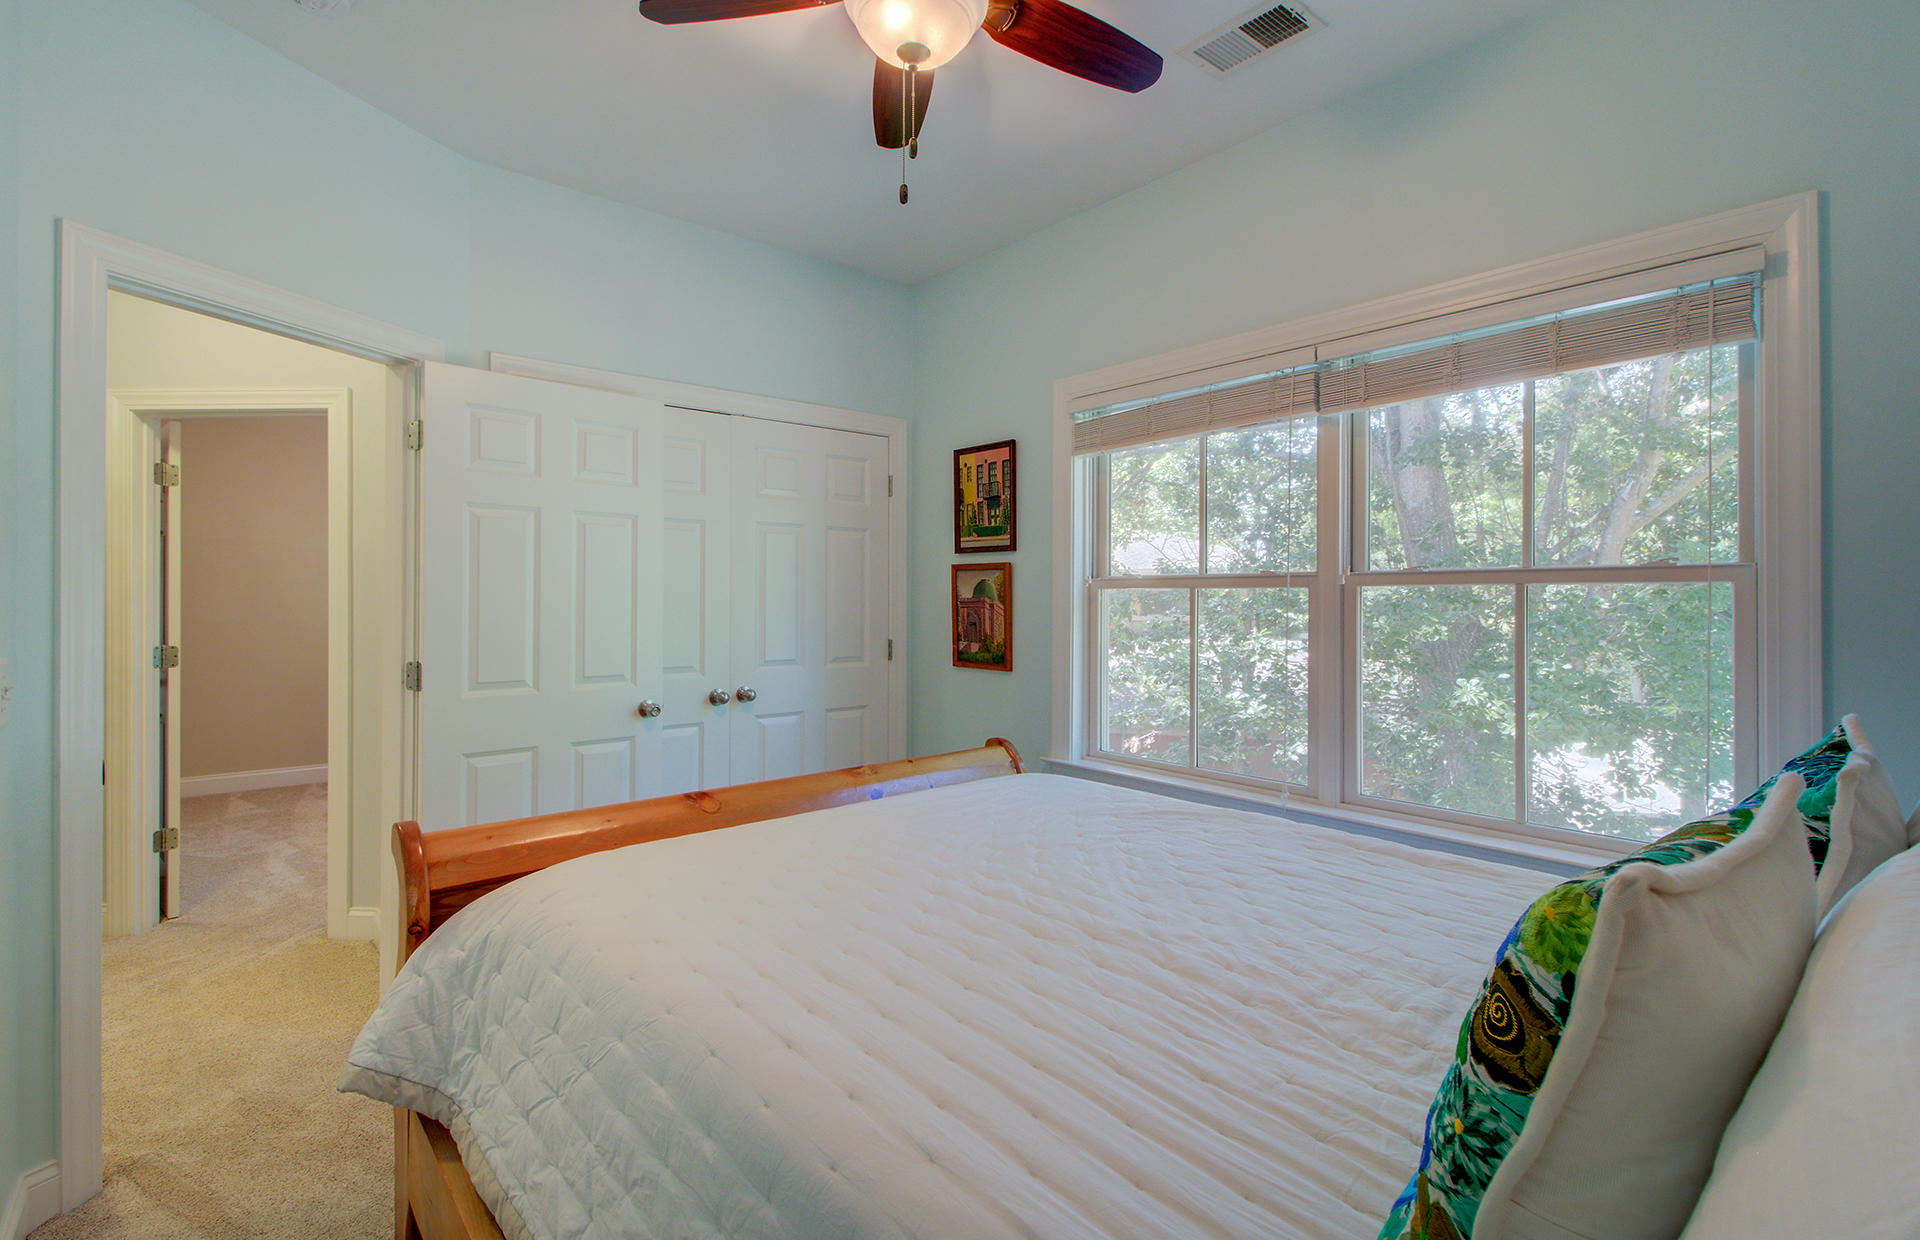 Phillips Park Homes For Sale - 1129 Phillips Park, Mount Pleasant, SC - 36